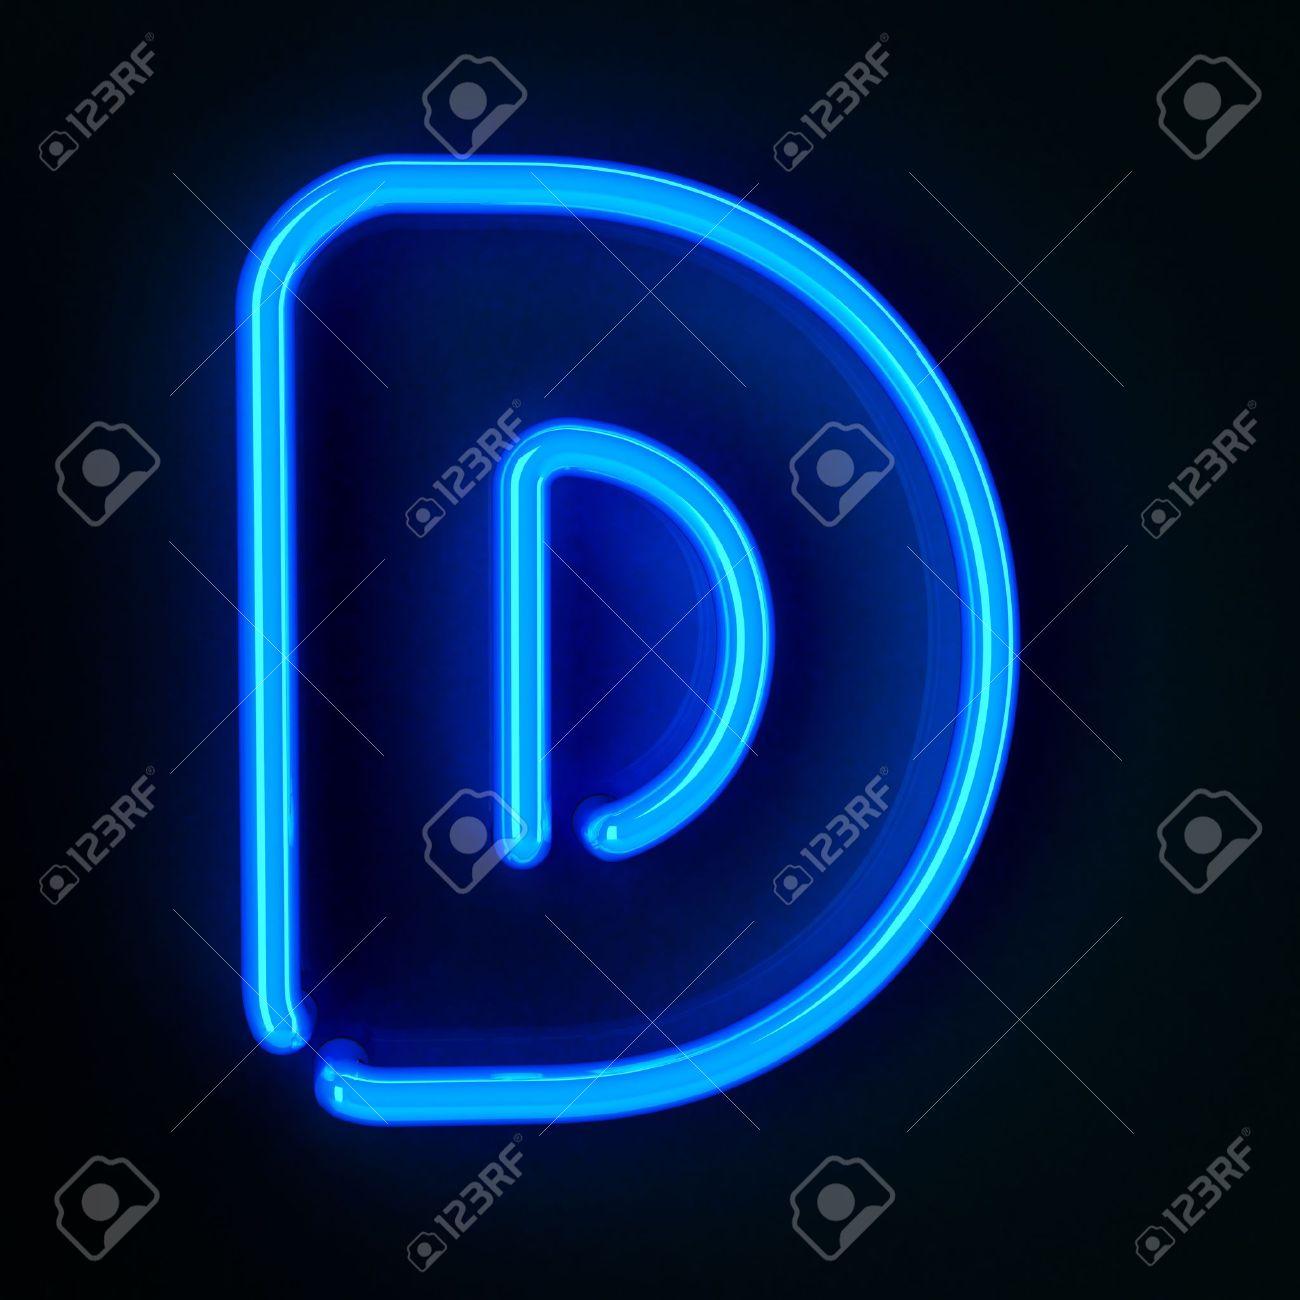 文字 d で非常に詳細なネオンサイン ロイヤリティーフリーフォト